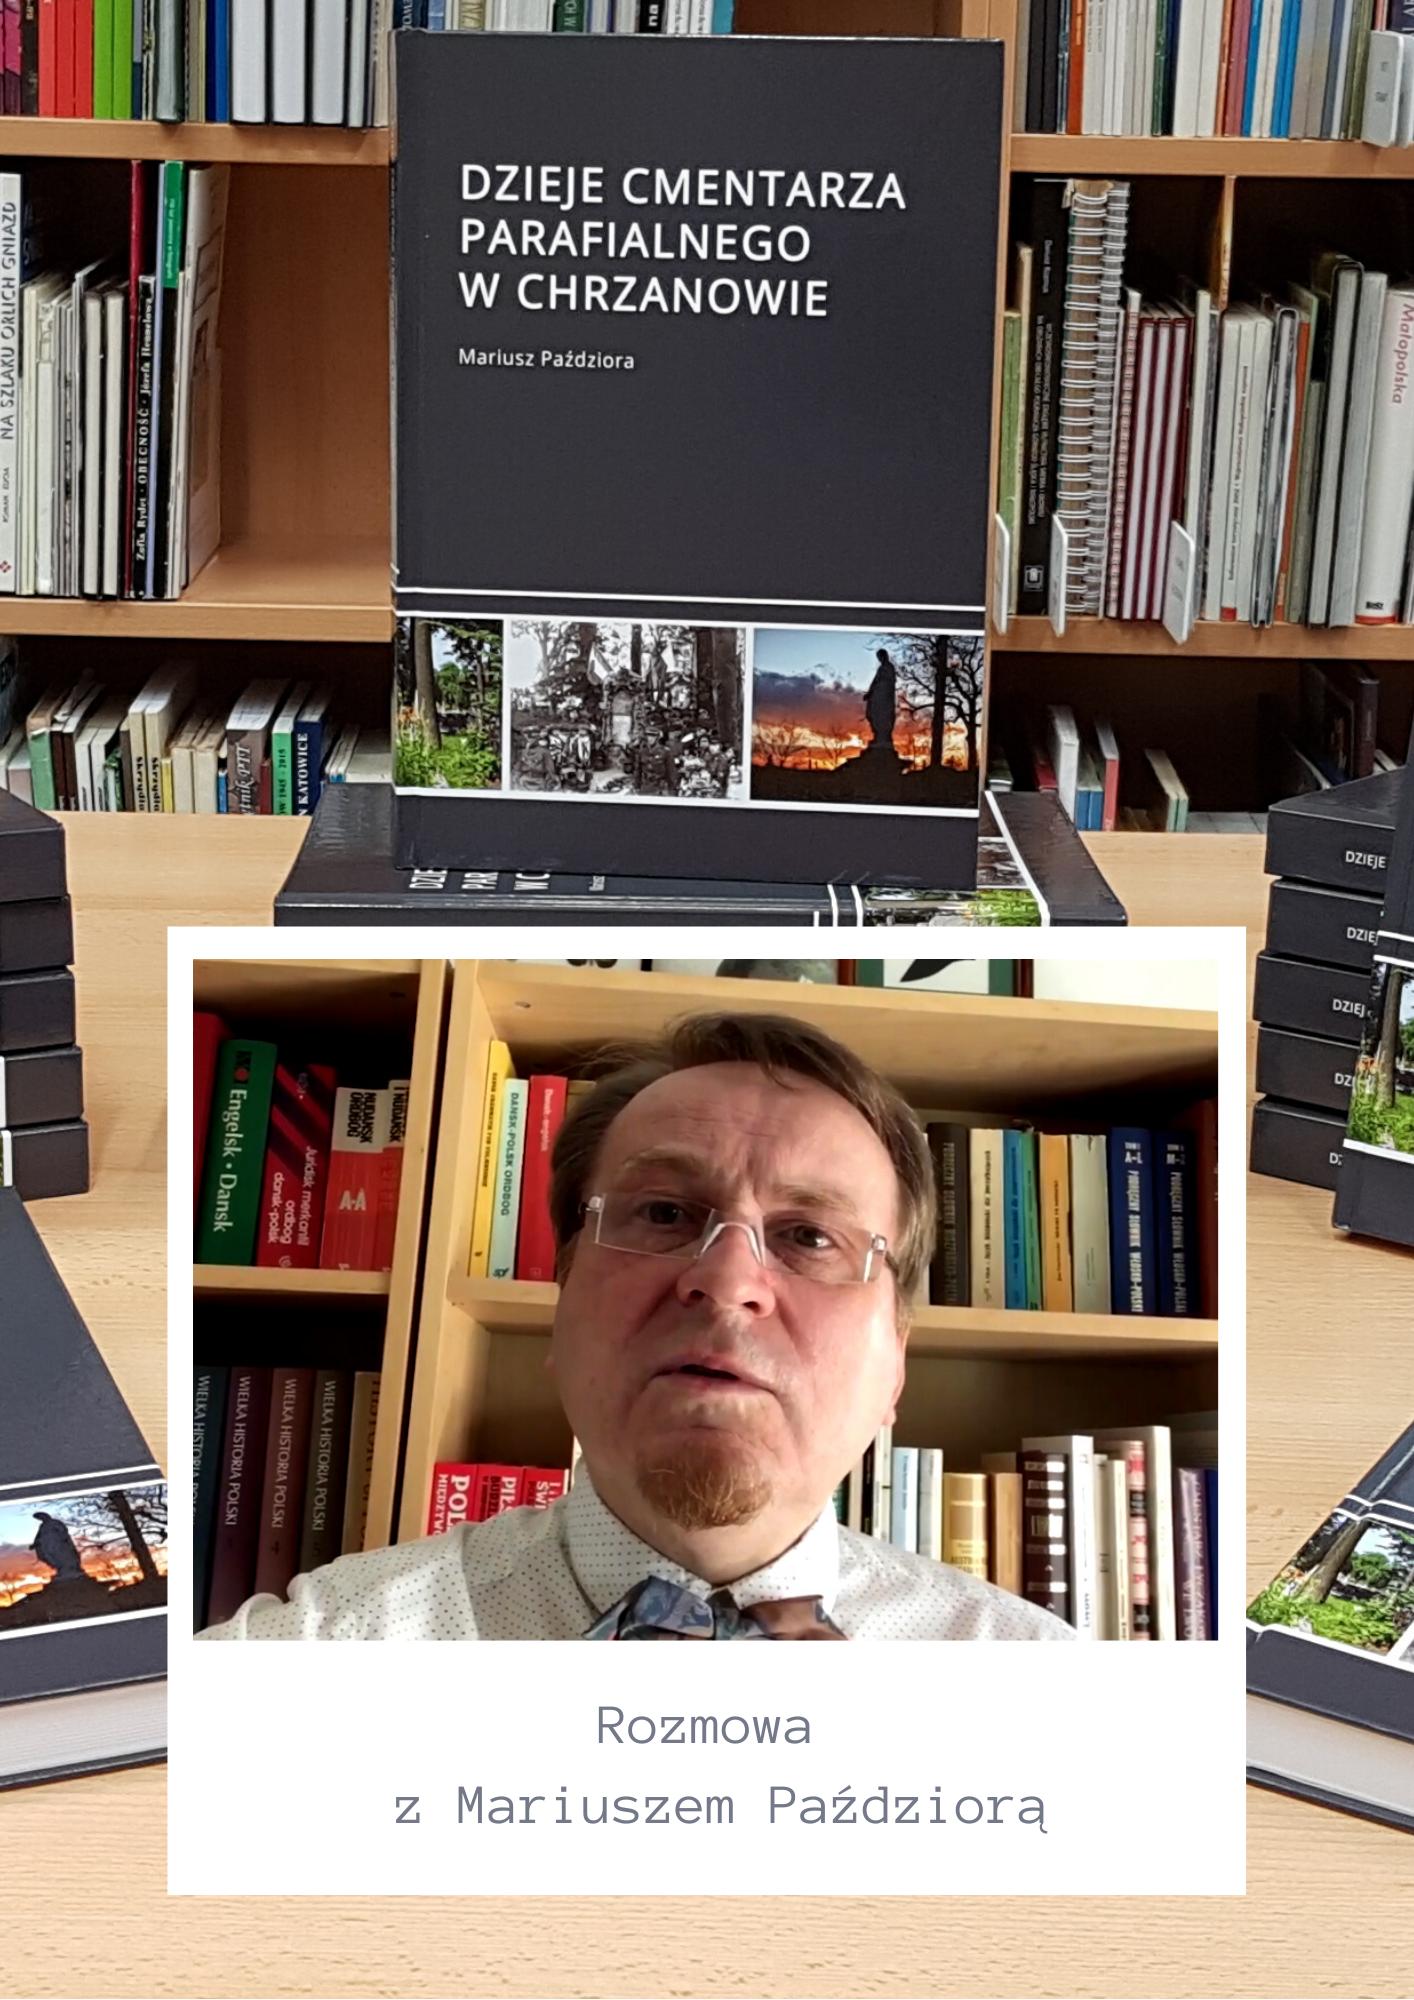 """Plakat informujący o videorelacji z rozmowy z Mariuszem Paździorą, autorem książki """"Dzieje cmentarza parafialnego w Chrzanowie"""